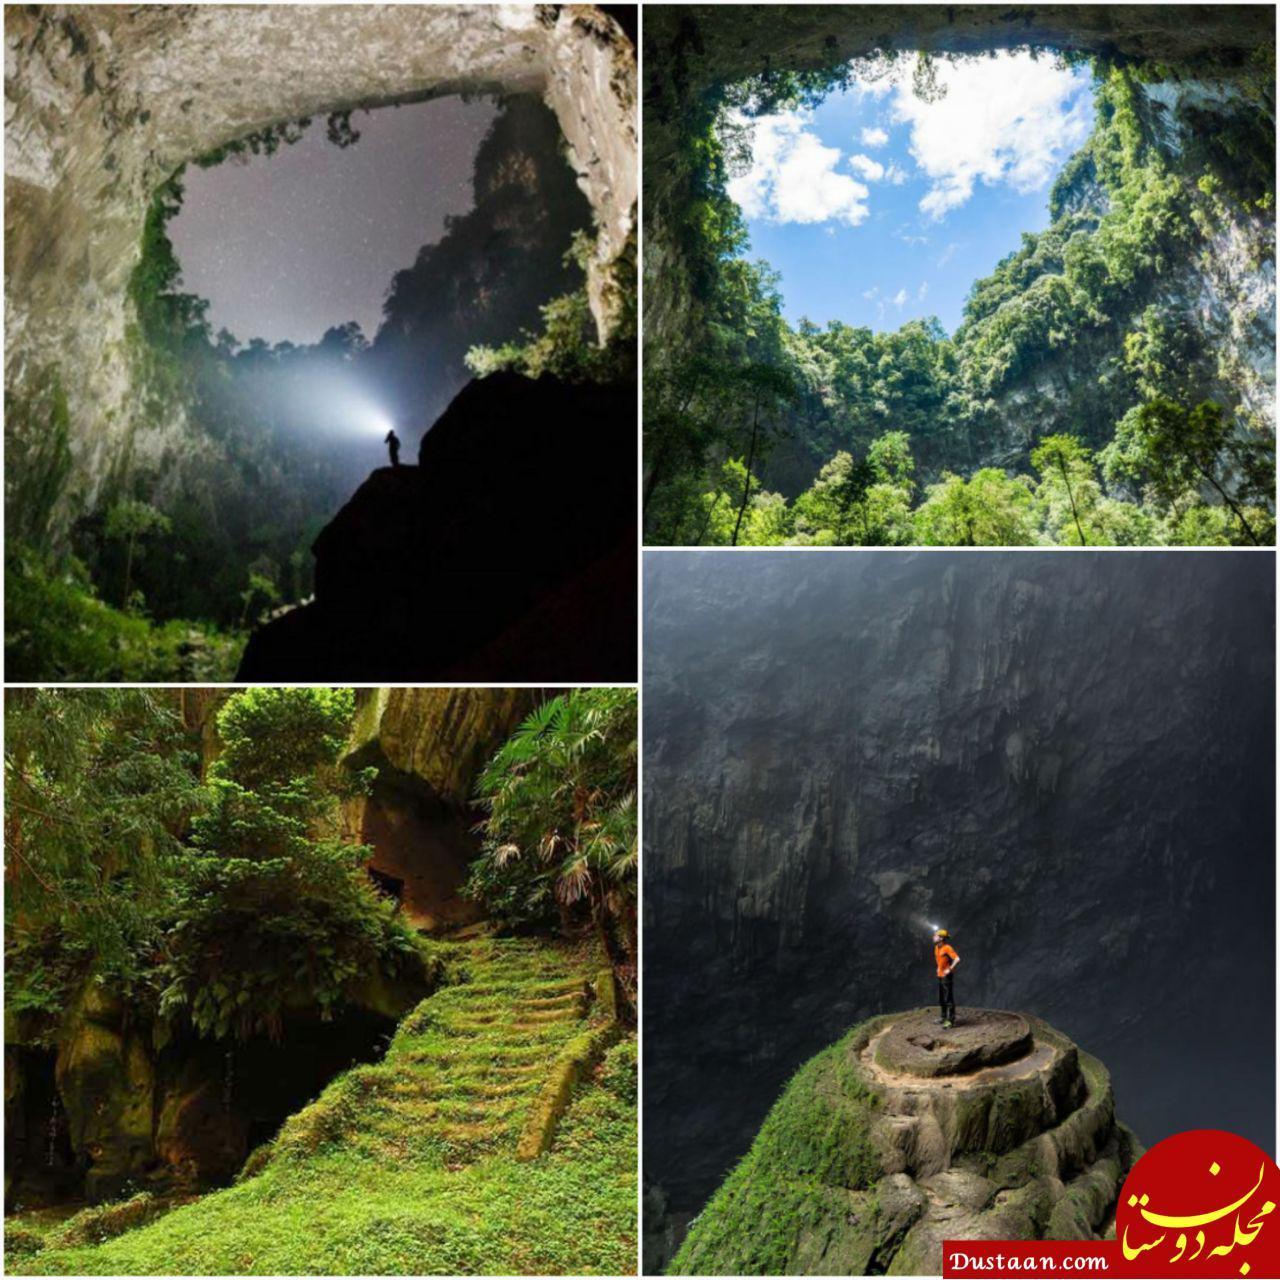 تصویری فوق العاده زیبا از بزرگترین غار دنیا